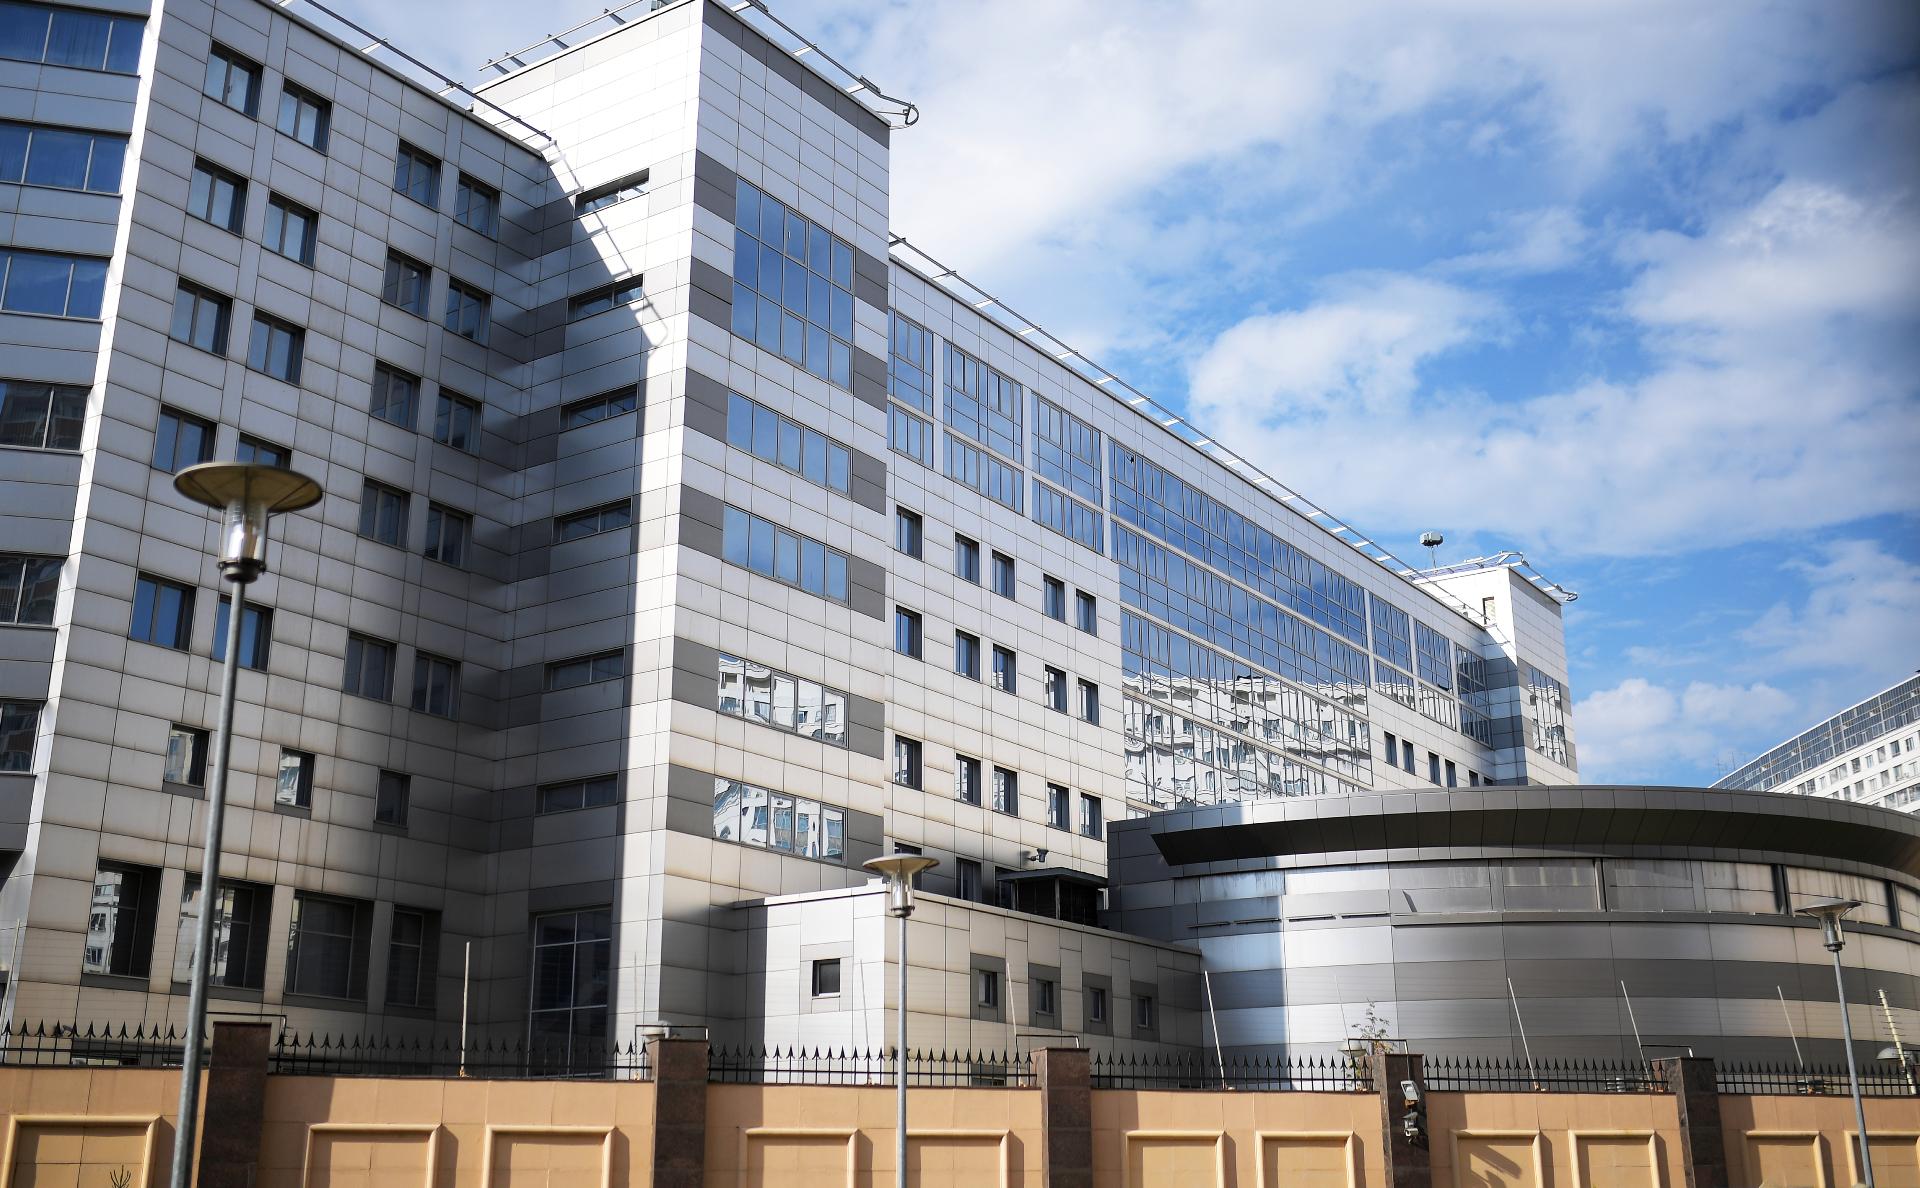 Здания Главного управления Генштаба ВС РФ в Москве